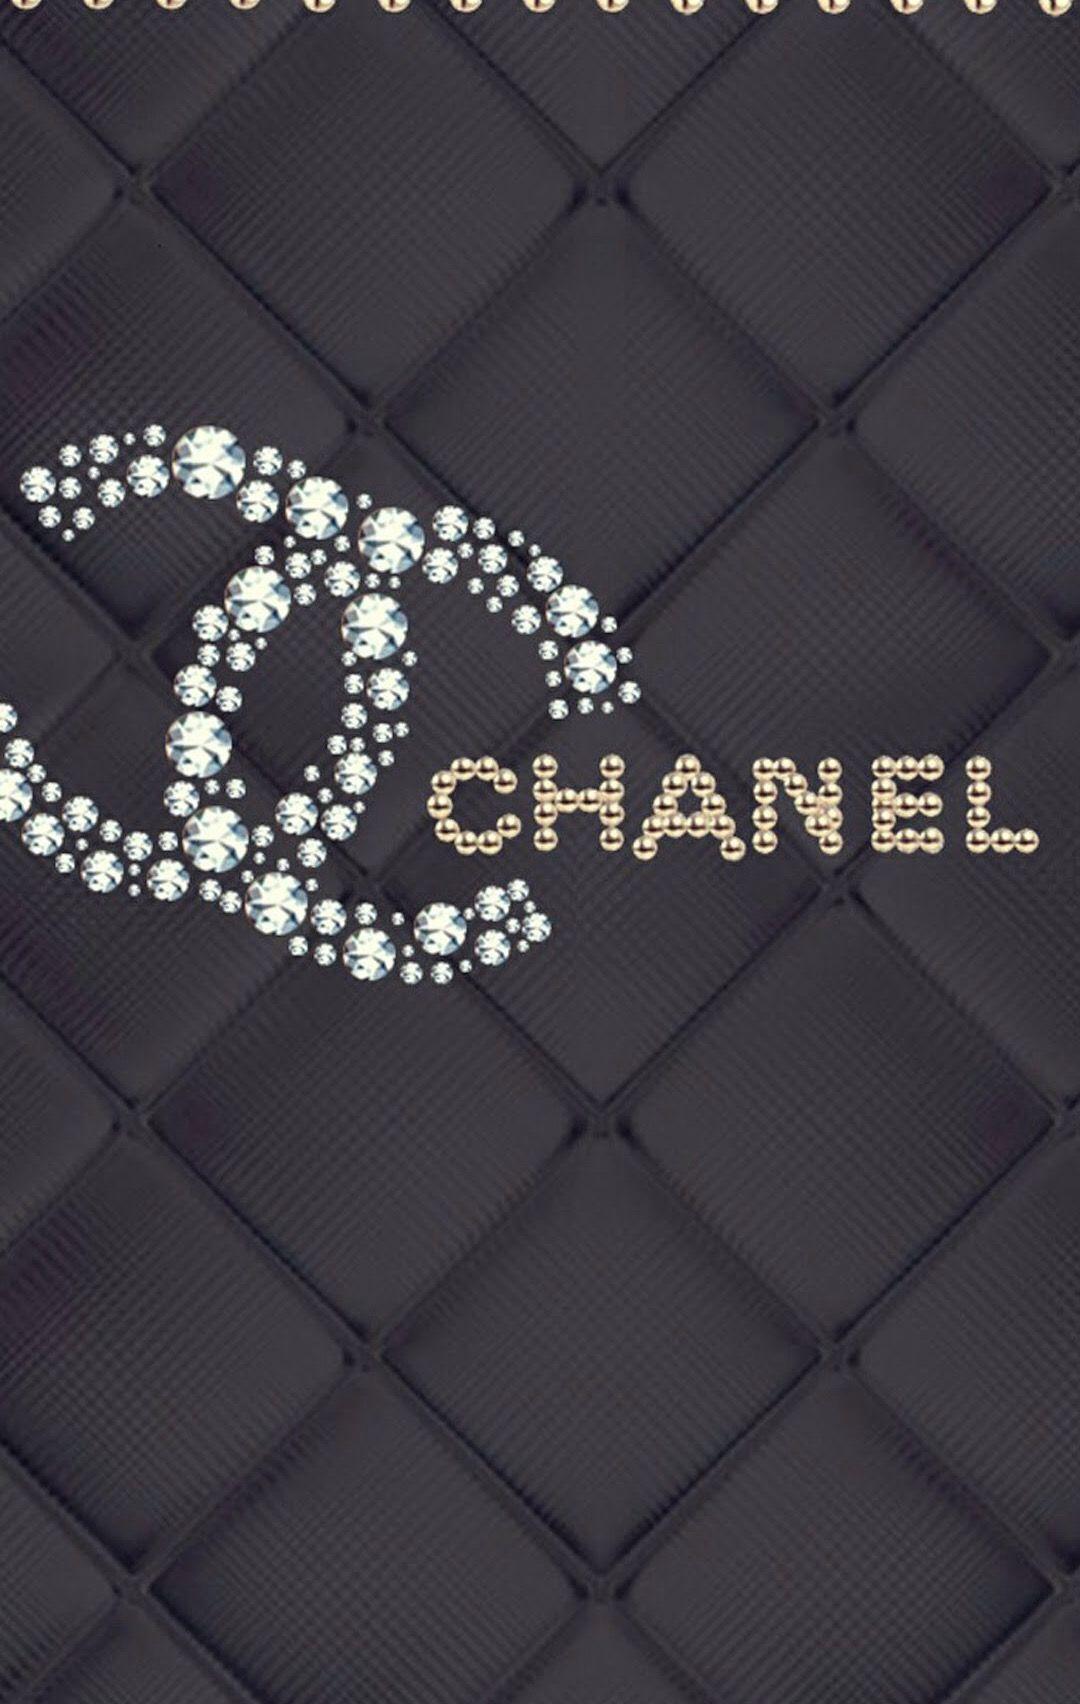 Chanel 壁紙 Iphone おしゃれ Iphone 用壁紙 シャネル 画像